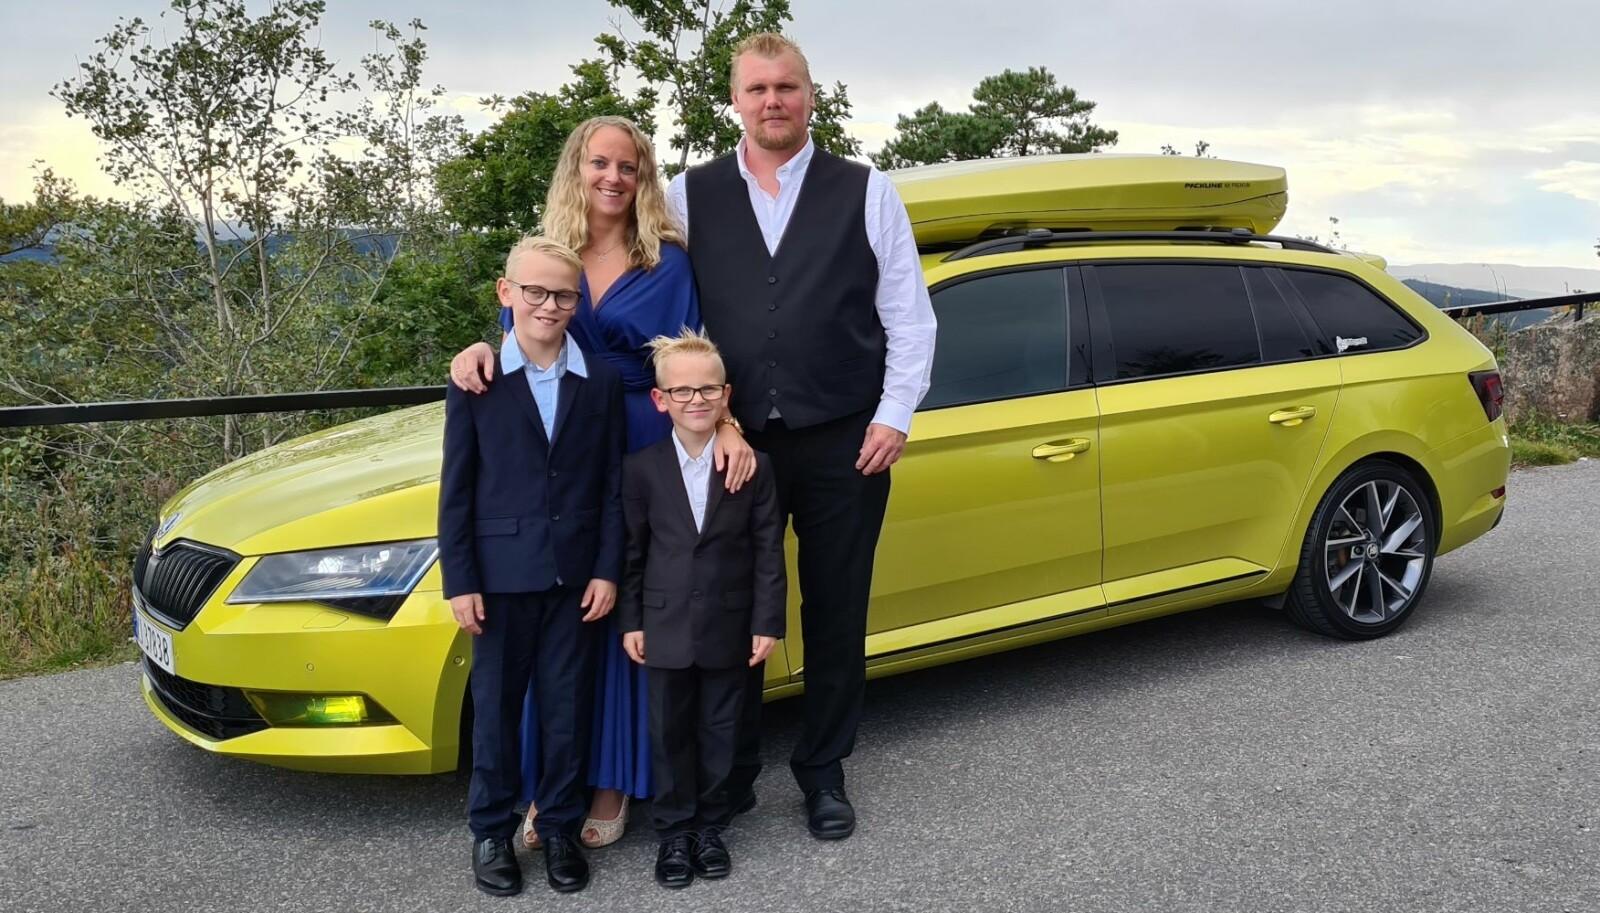 <b>VI ER FEM: </b>Hva kjører mannen (og familien hans) som er blant ildsjelene i Skoda Klubb Norge på Facebook? Nicco Halstvedt, kona Therese og guttene Jacob og Sander går for gul(l) når det gjelder familiejuvelen Skoda Superb.